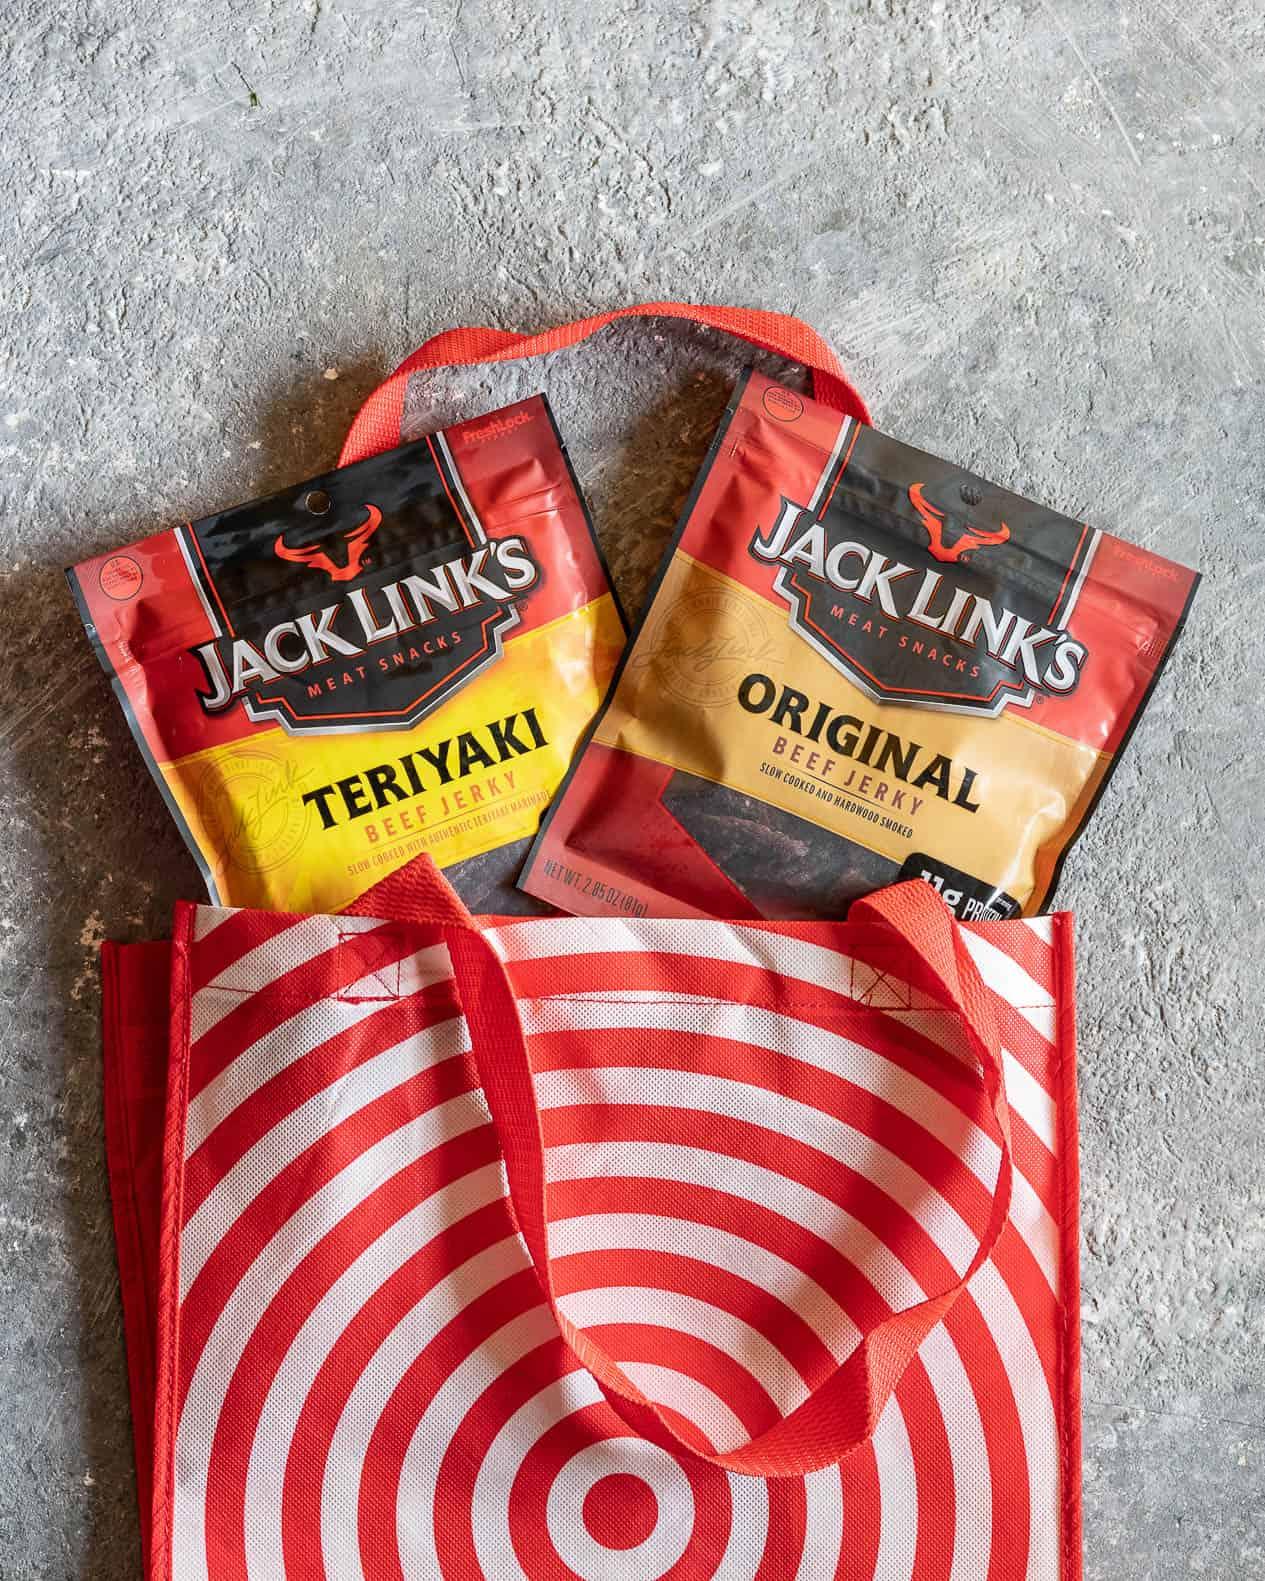 Jack Links Jerky in a Target Bag